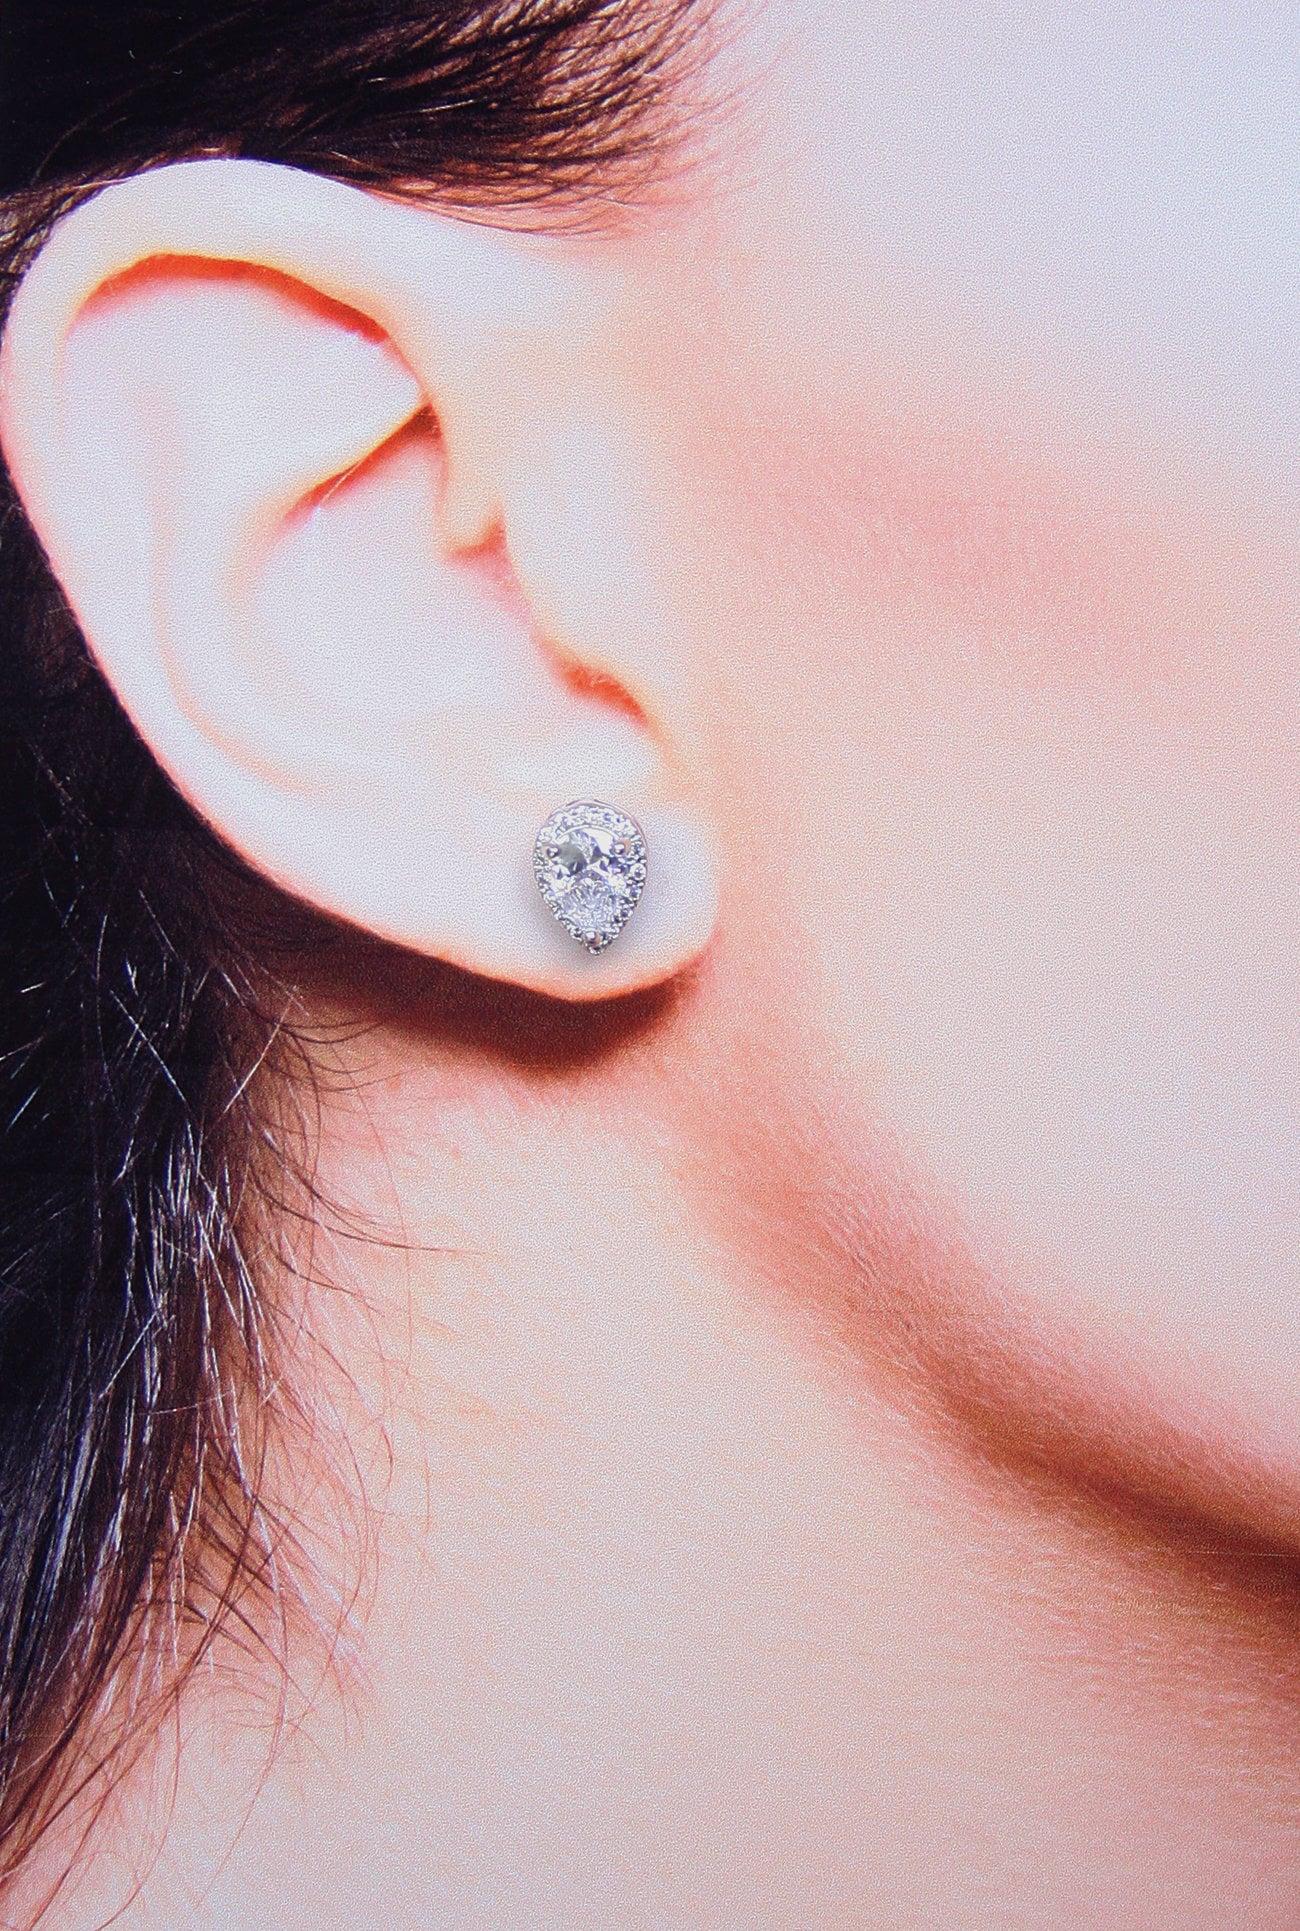 Floating Teardrop Stud Earrings Cubic Zirconia Best Stud